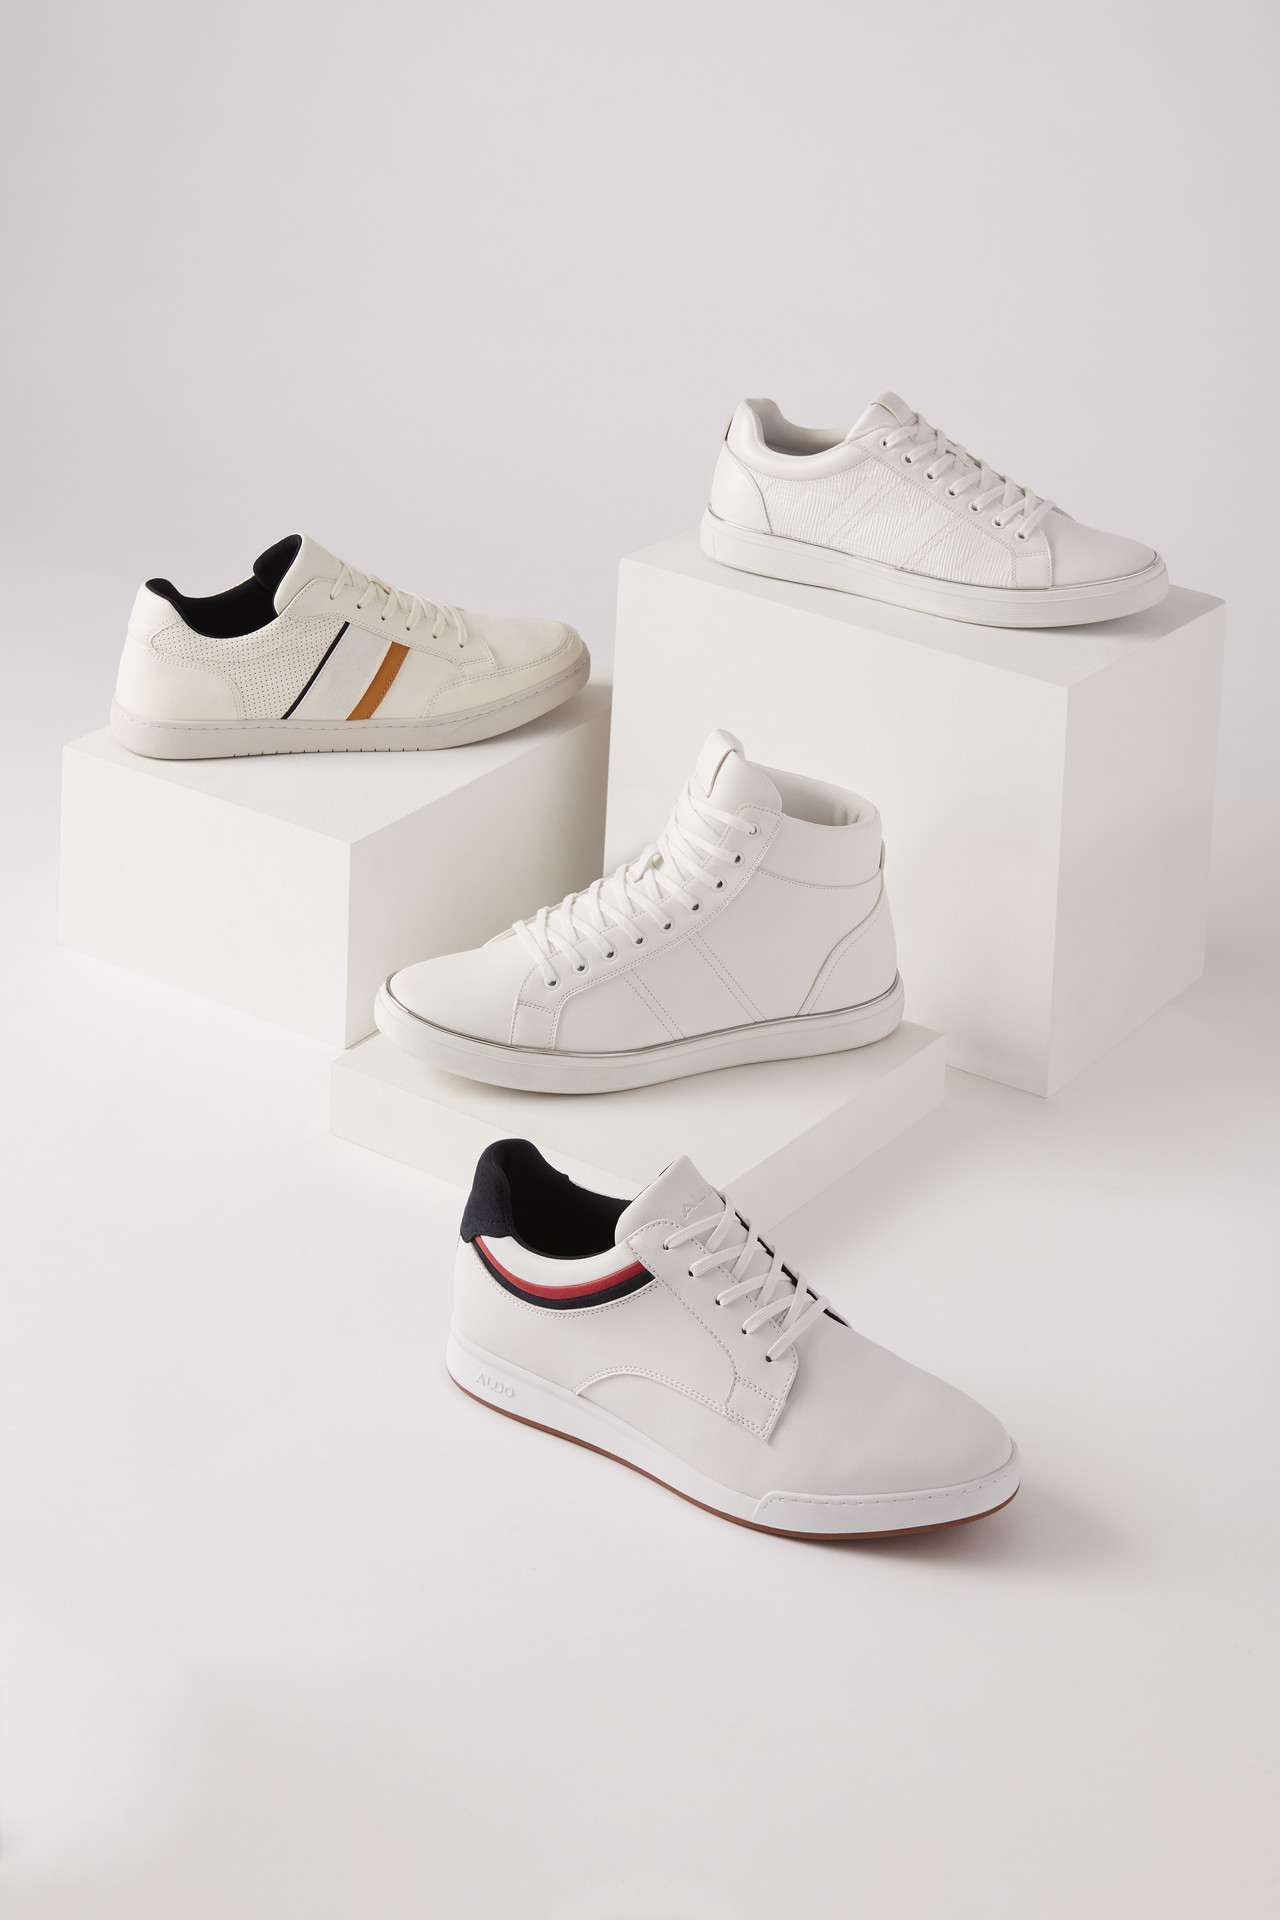 aldo portugal sapatos catalogo